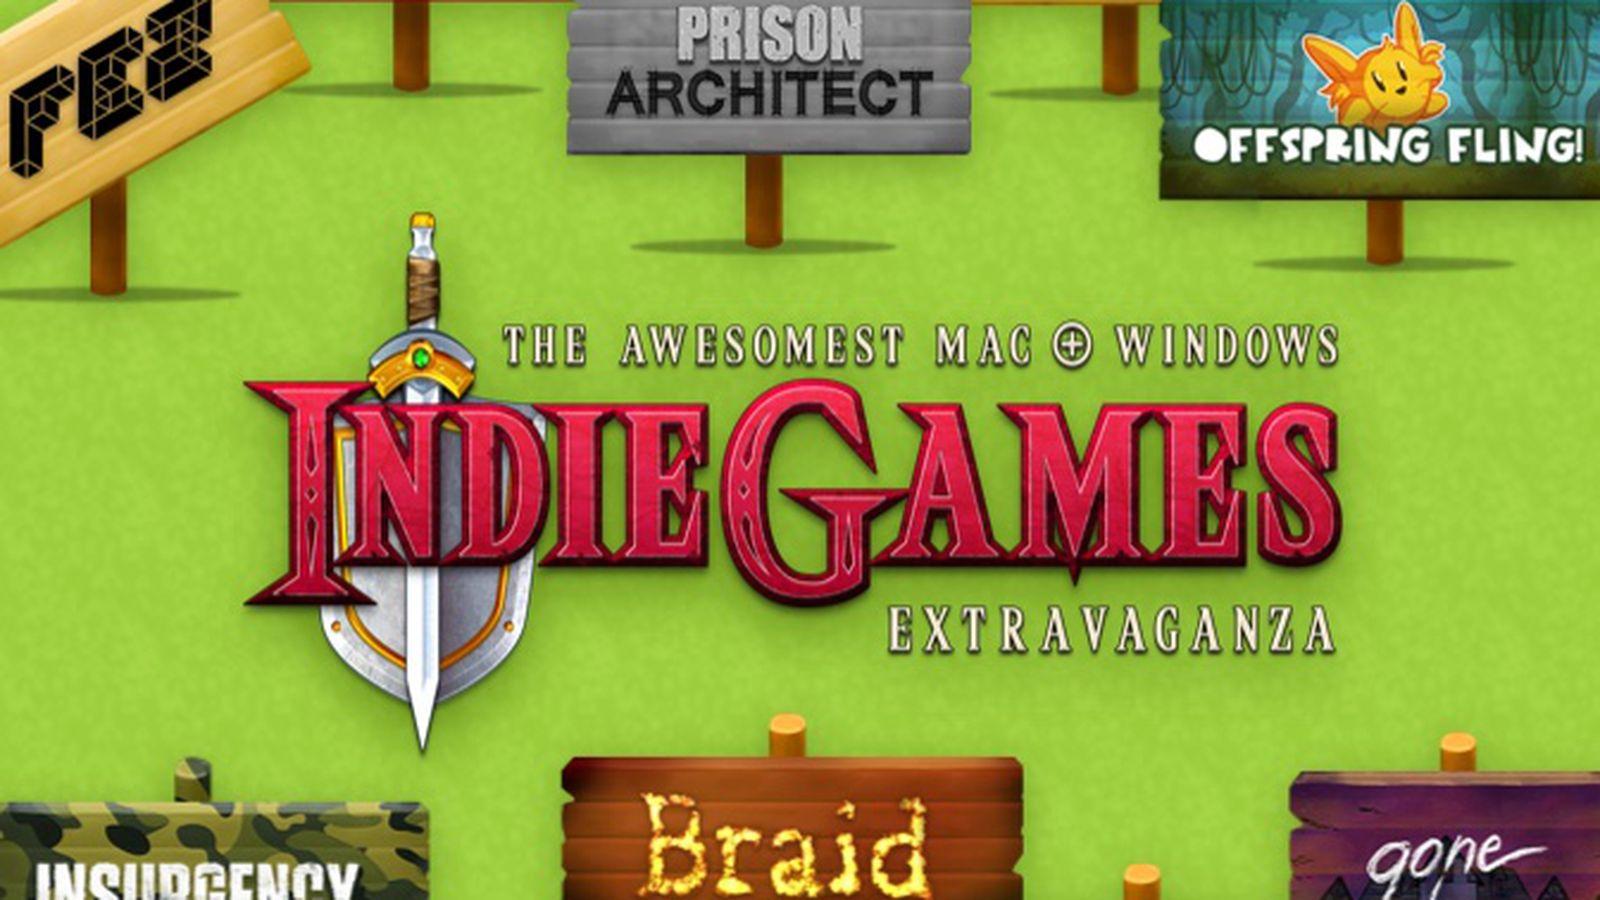 Macheist S Indie Games Bundle Offers 9 Mac Games For 20 Macrumors